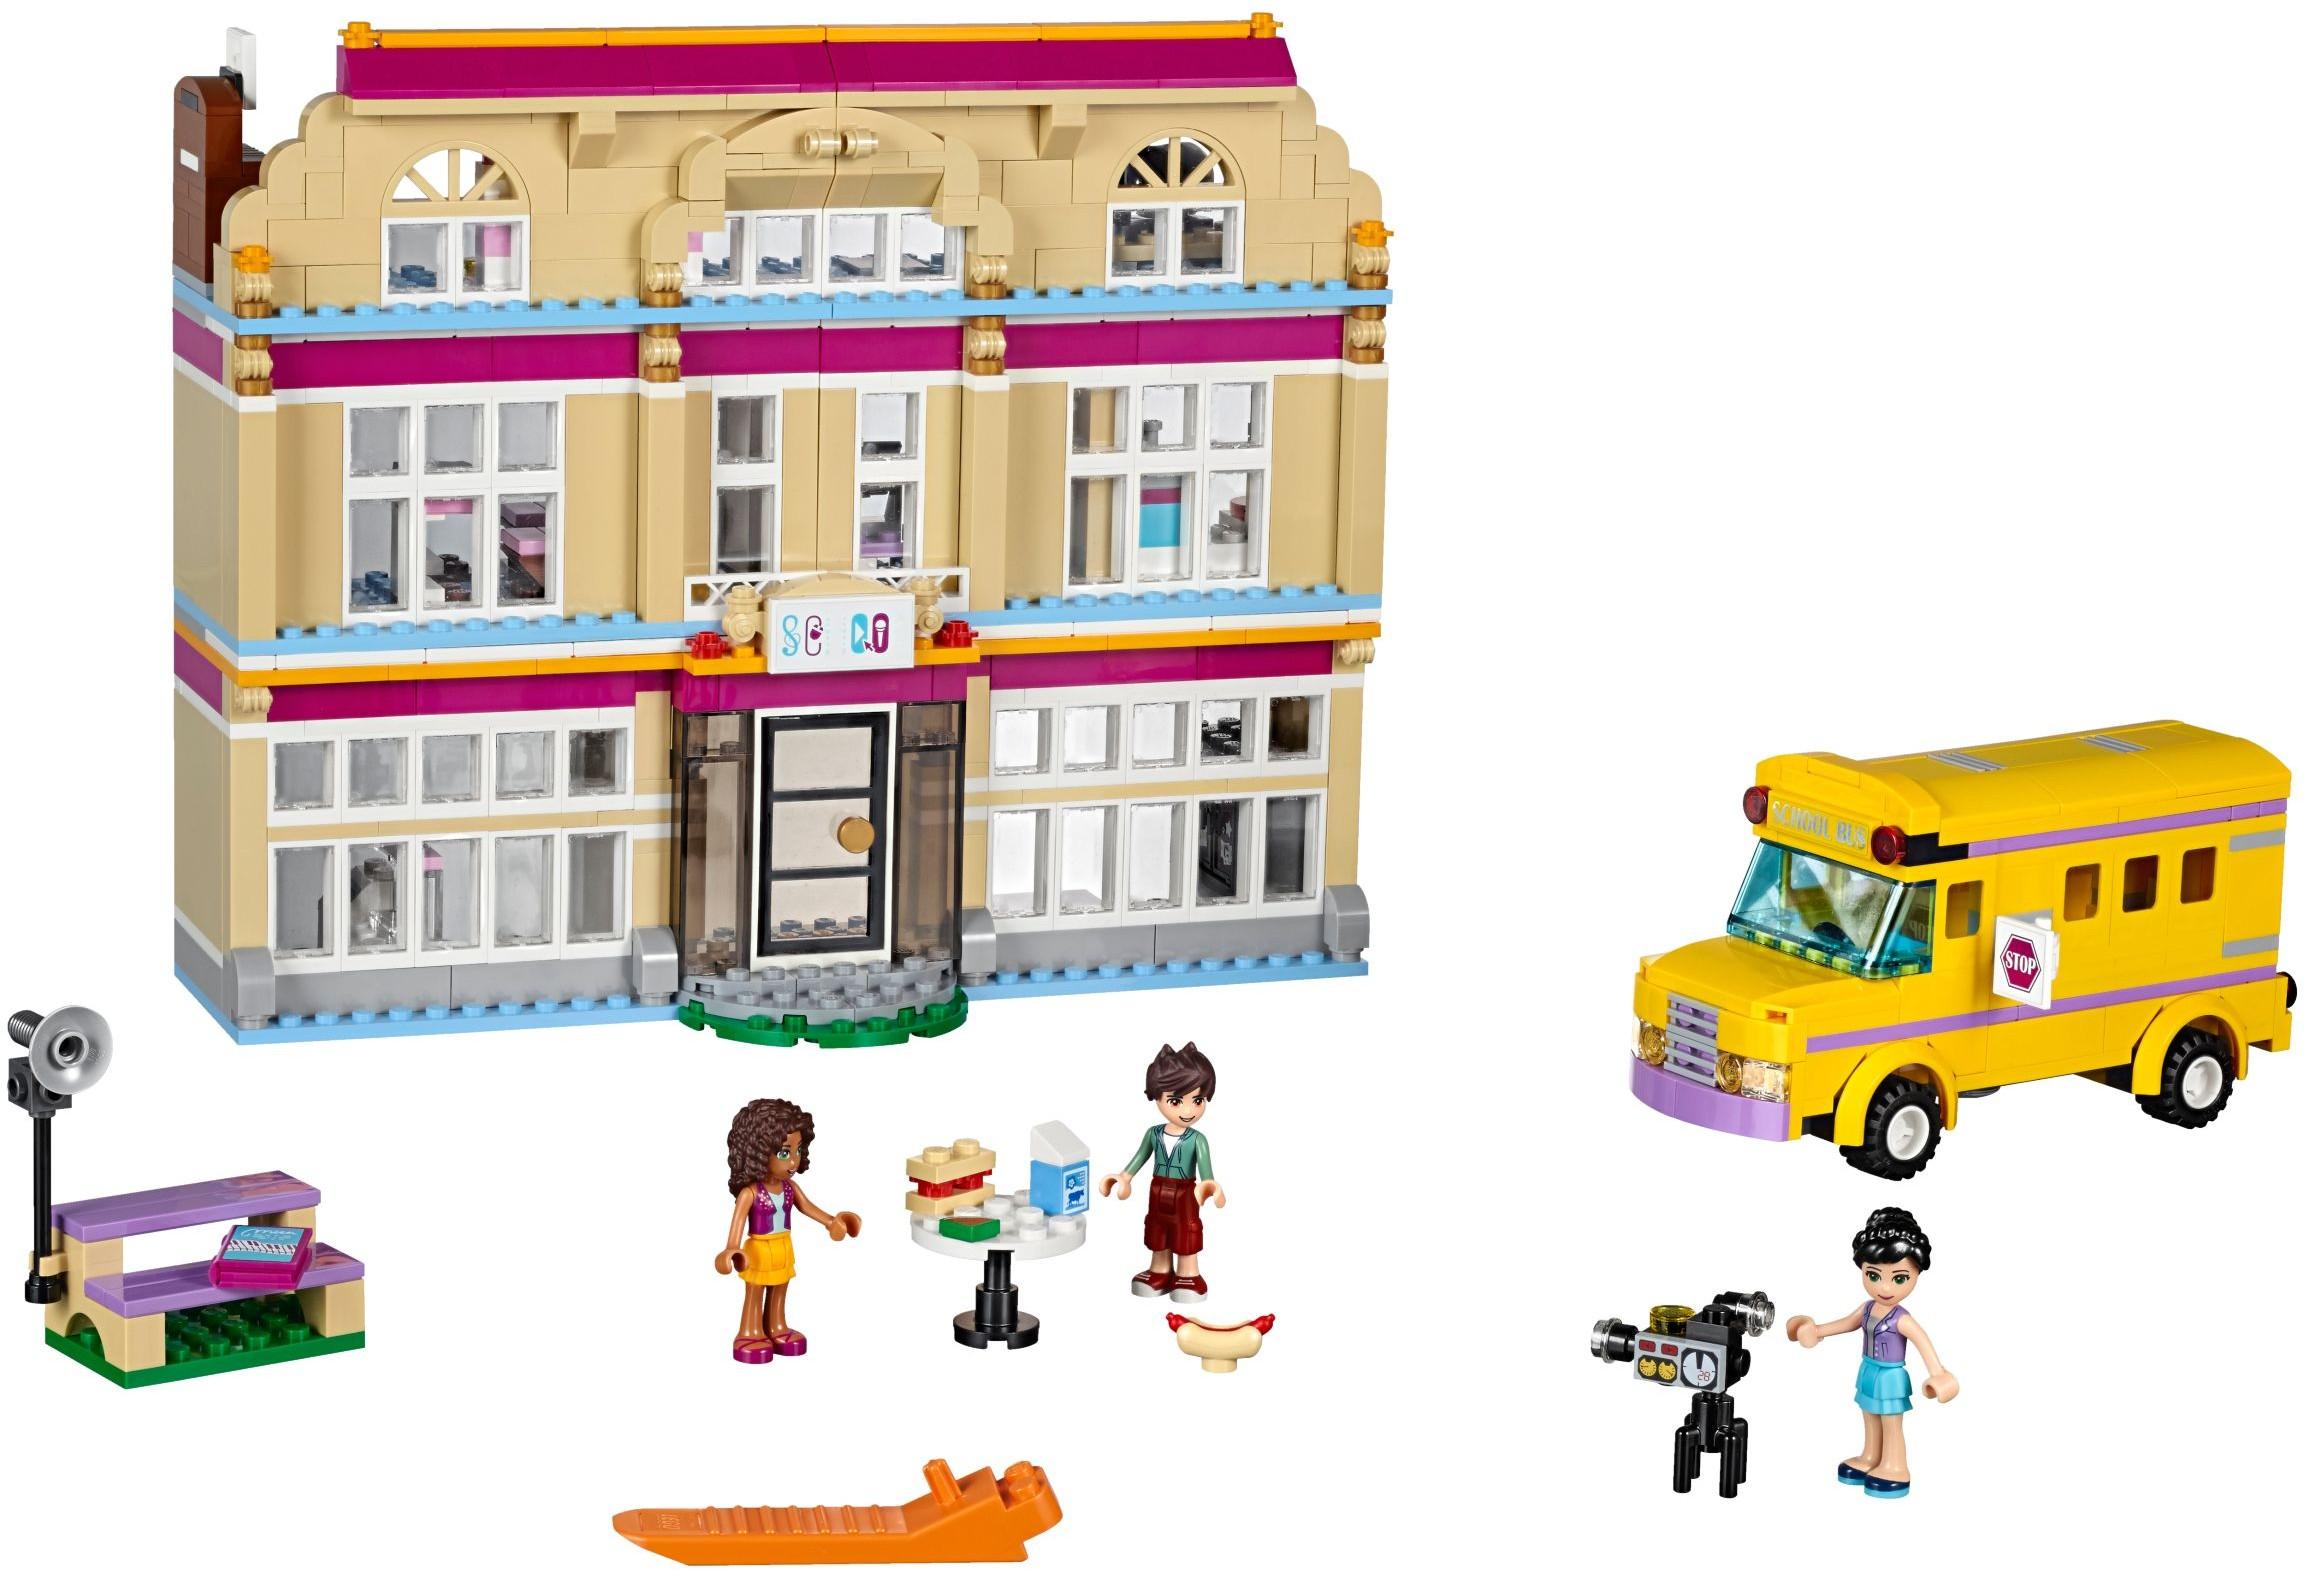 http://images.brickset.com/sets/large/41134-1.jpg?201605210924